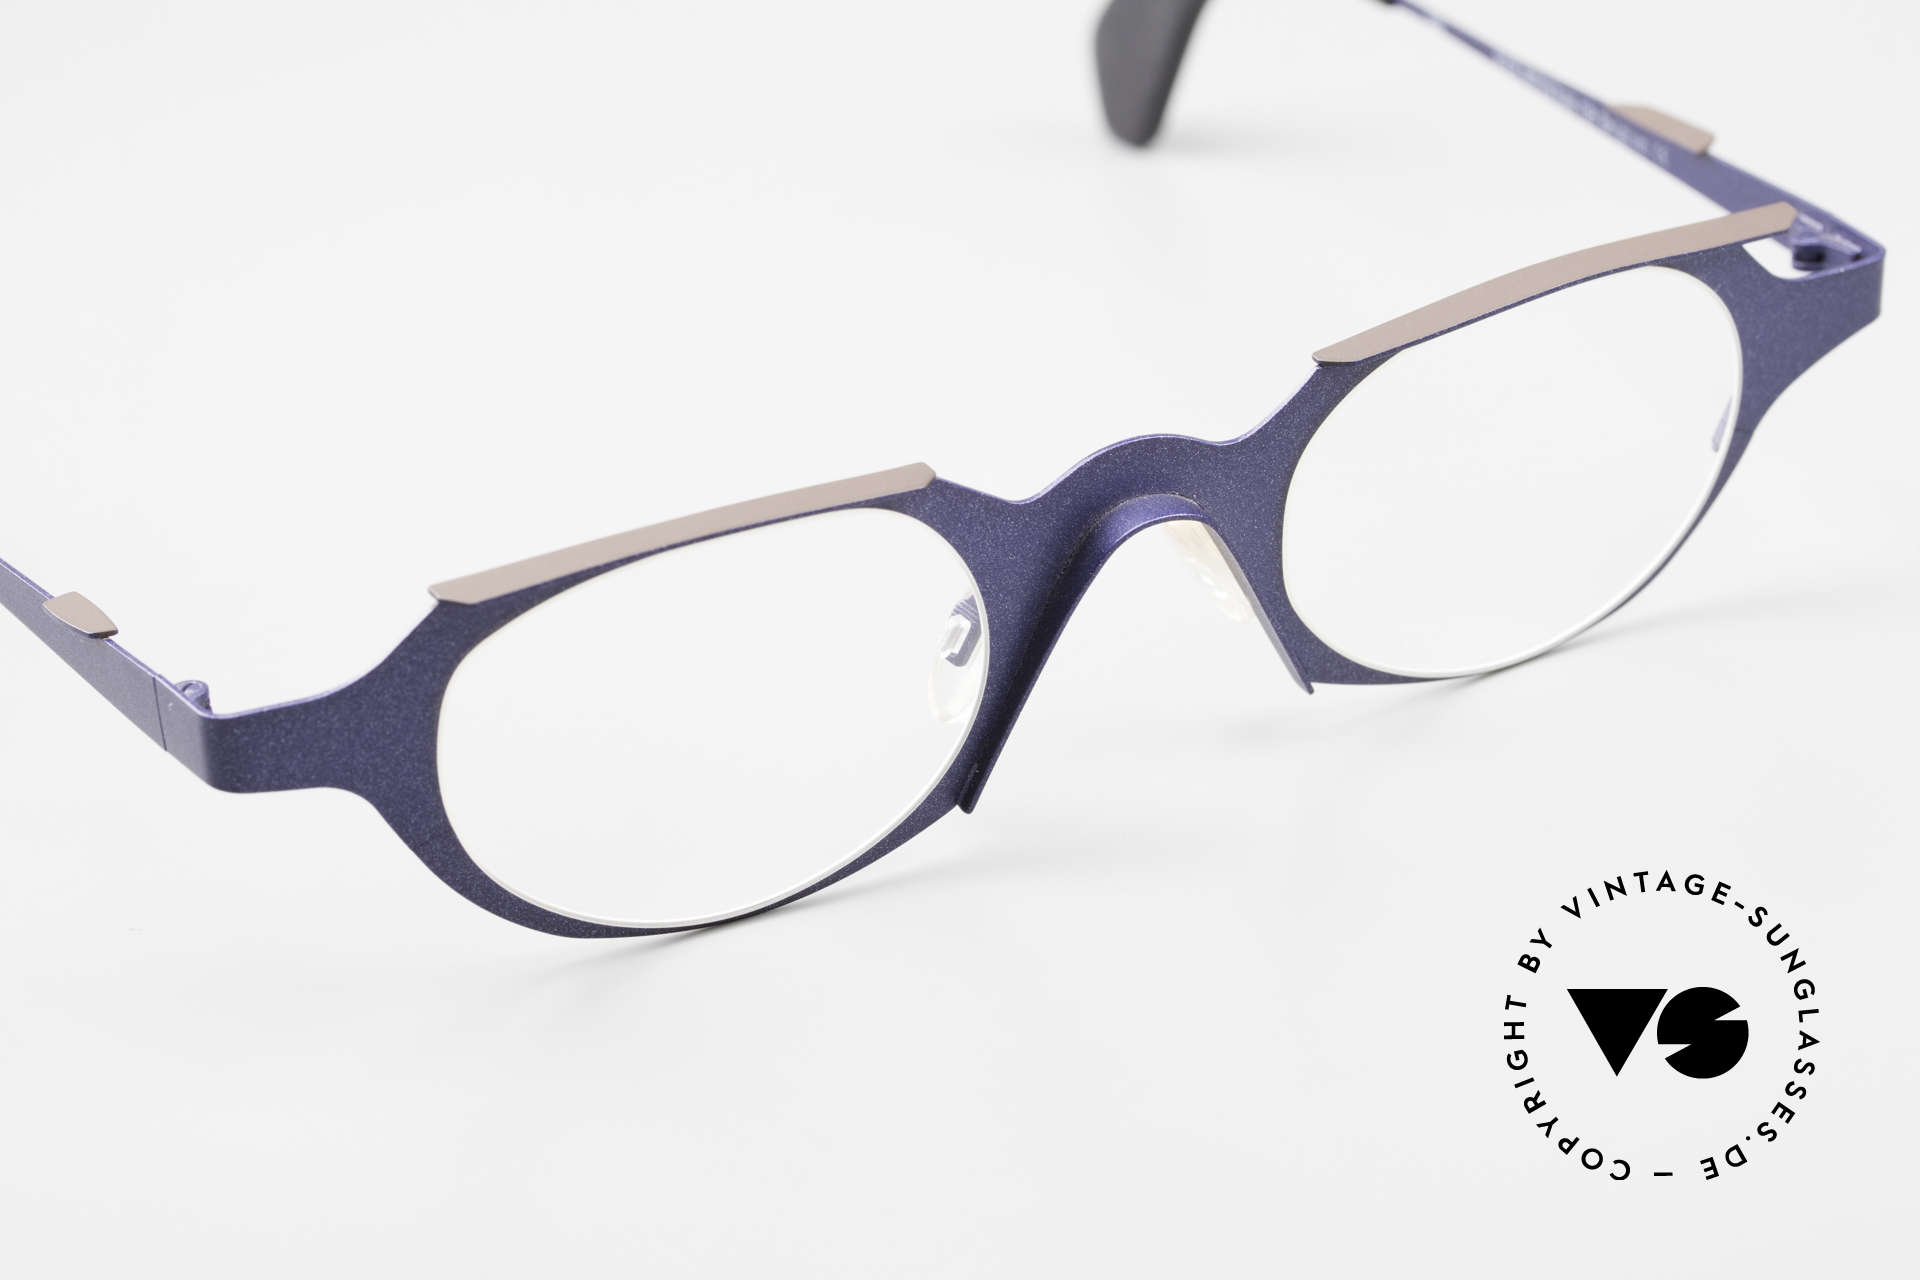 Theo Belgium Eye-Witness OB Avantgarde Damenbrille 90er, ungetragen (wie alle unsere 90er Theo Brillenfassungen), Passend für Damen